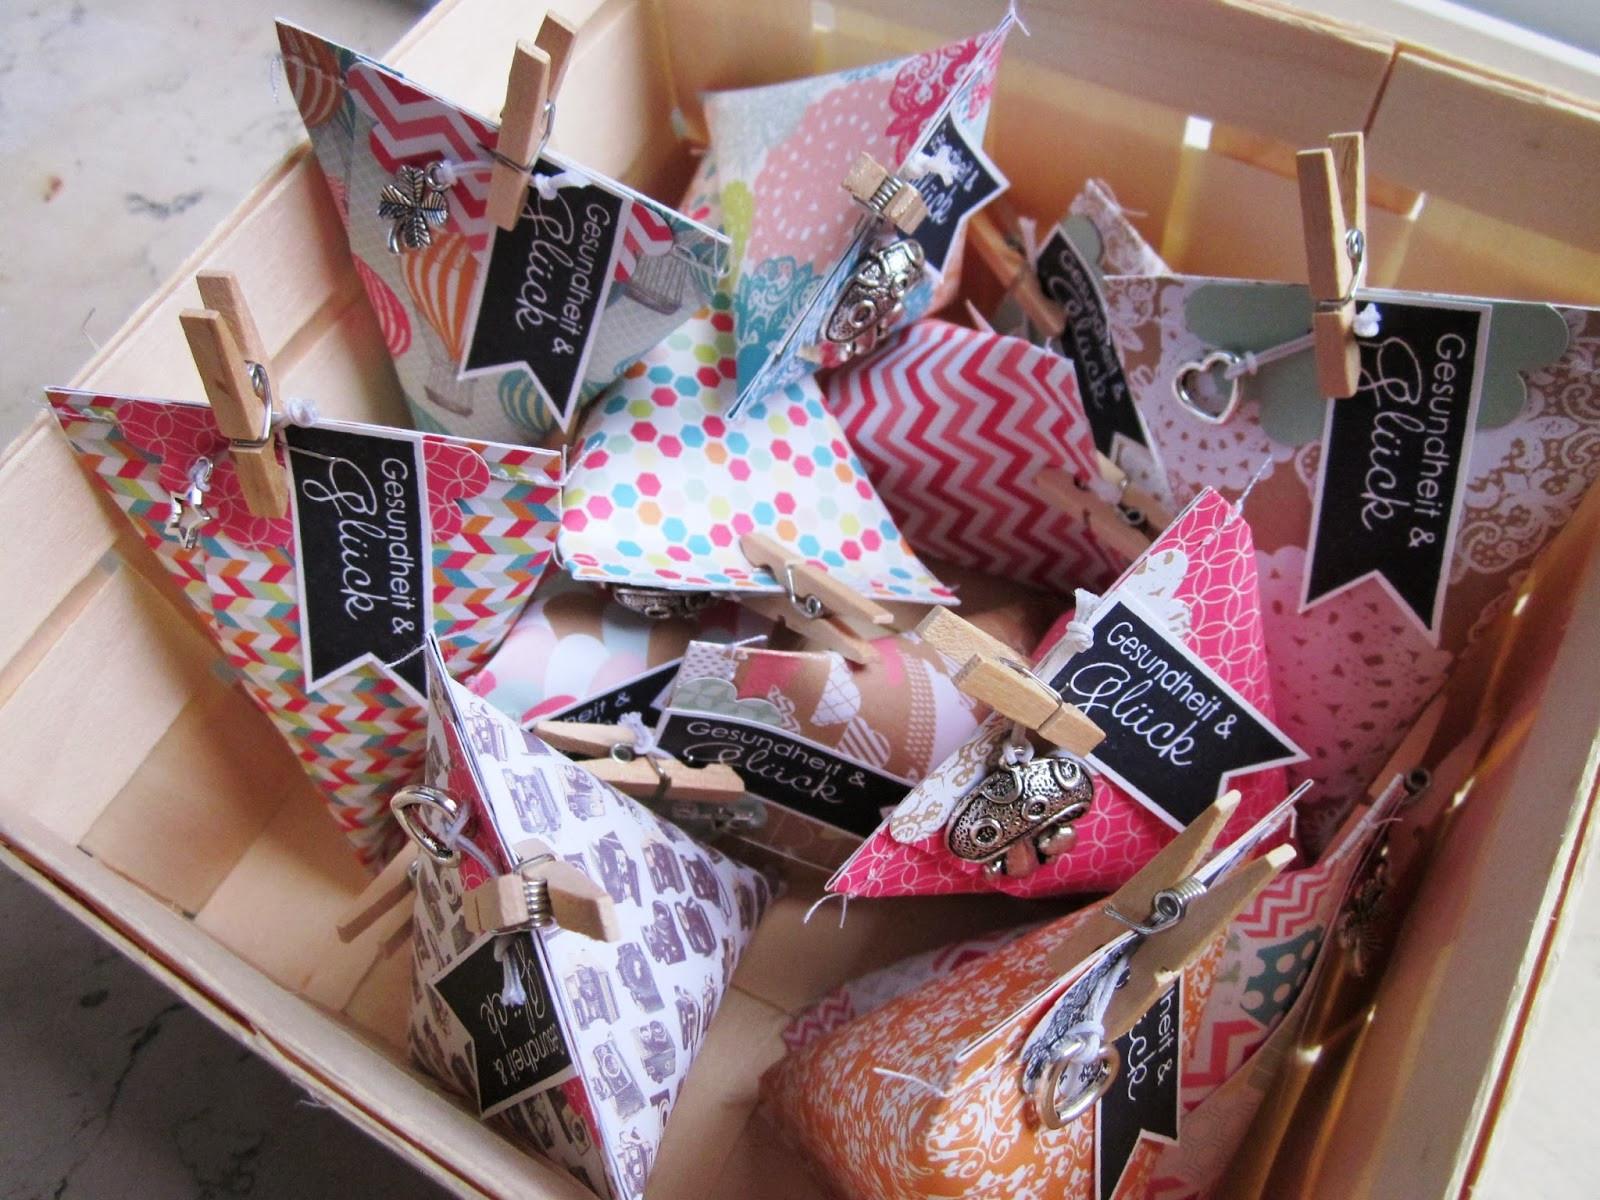 Geschenke Für Kollegen Zum Abschied  Geschenke zum abschied von kollegen – Beliebte Geschenke